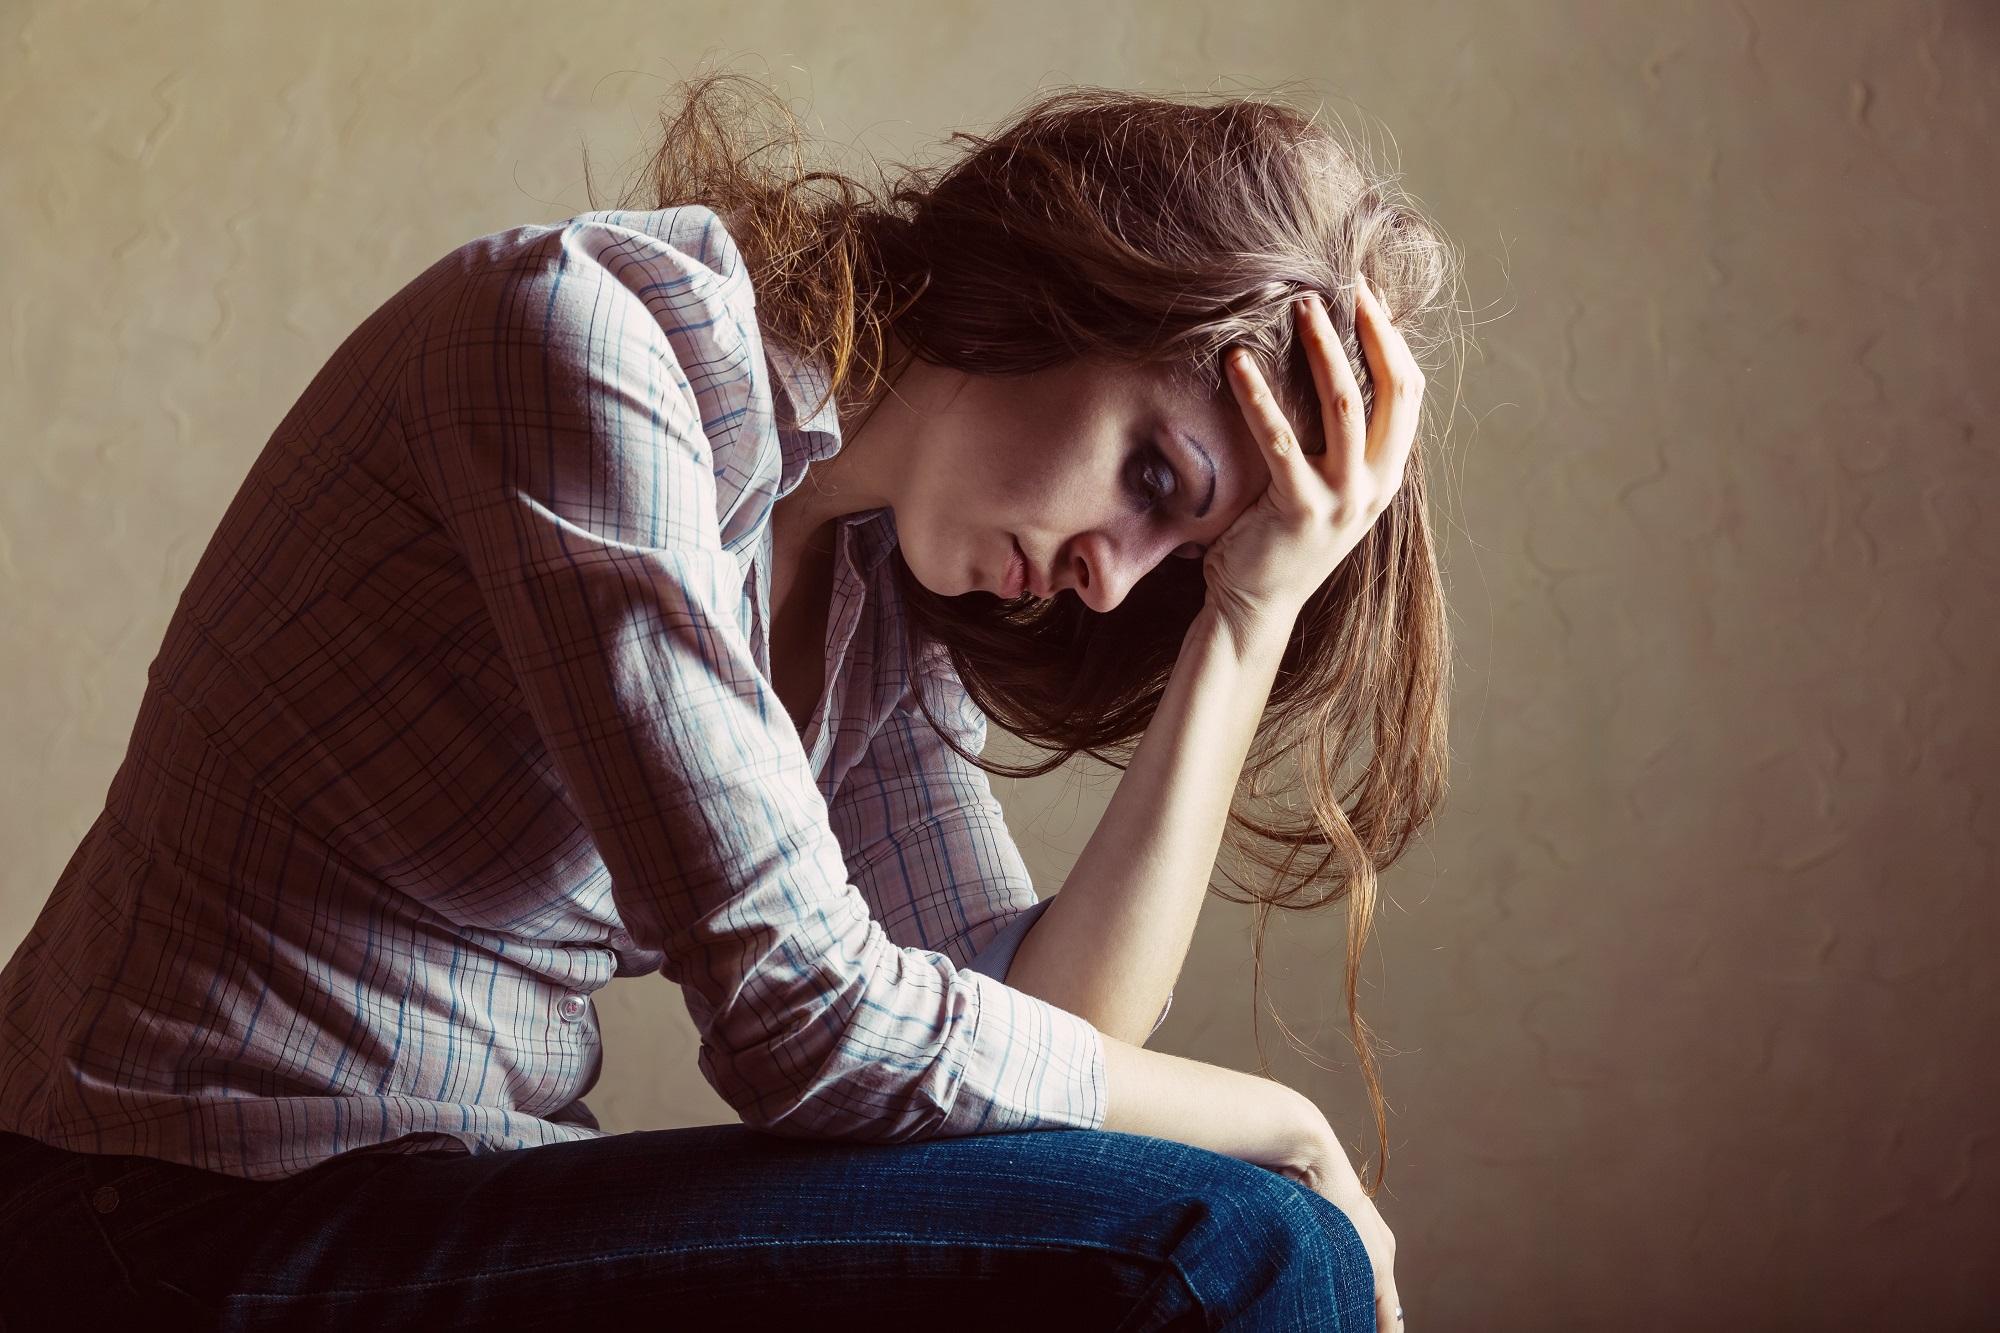 Апатия: причины, симптомы и лечение